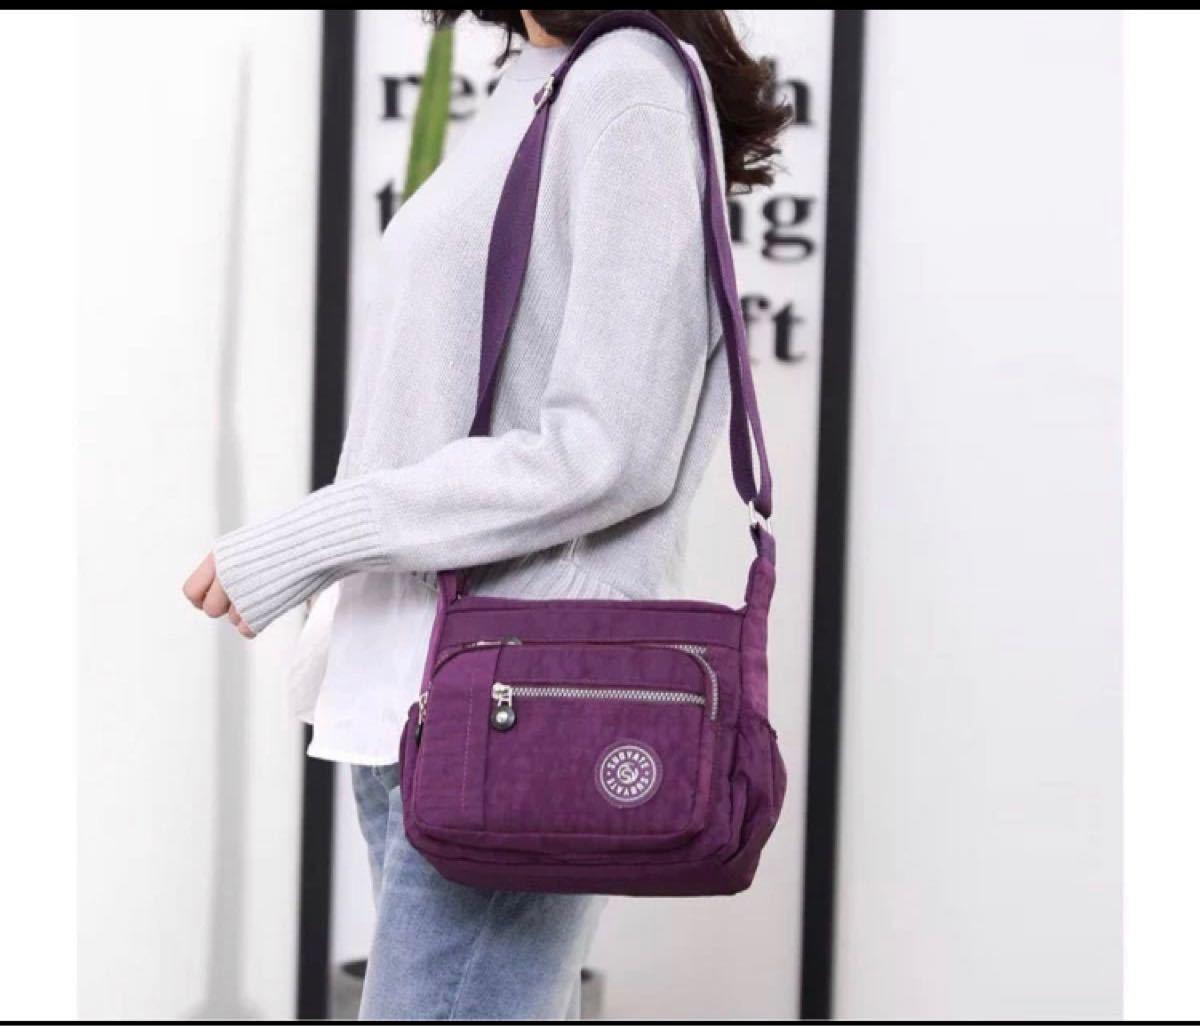 ショルダーバッグ 斜めがけ レディースバッグ 紫 パープル iPad 軽量 斜めがけバッグ マザーズバッグ アウトドア